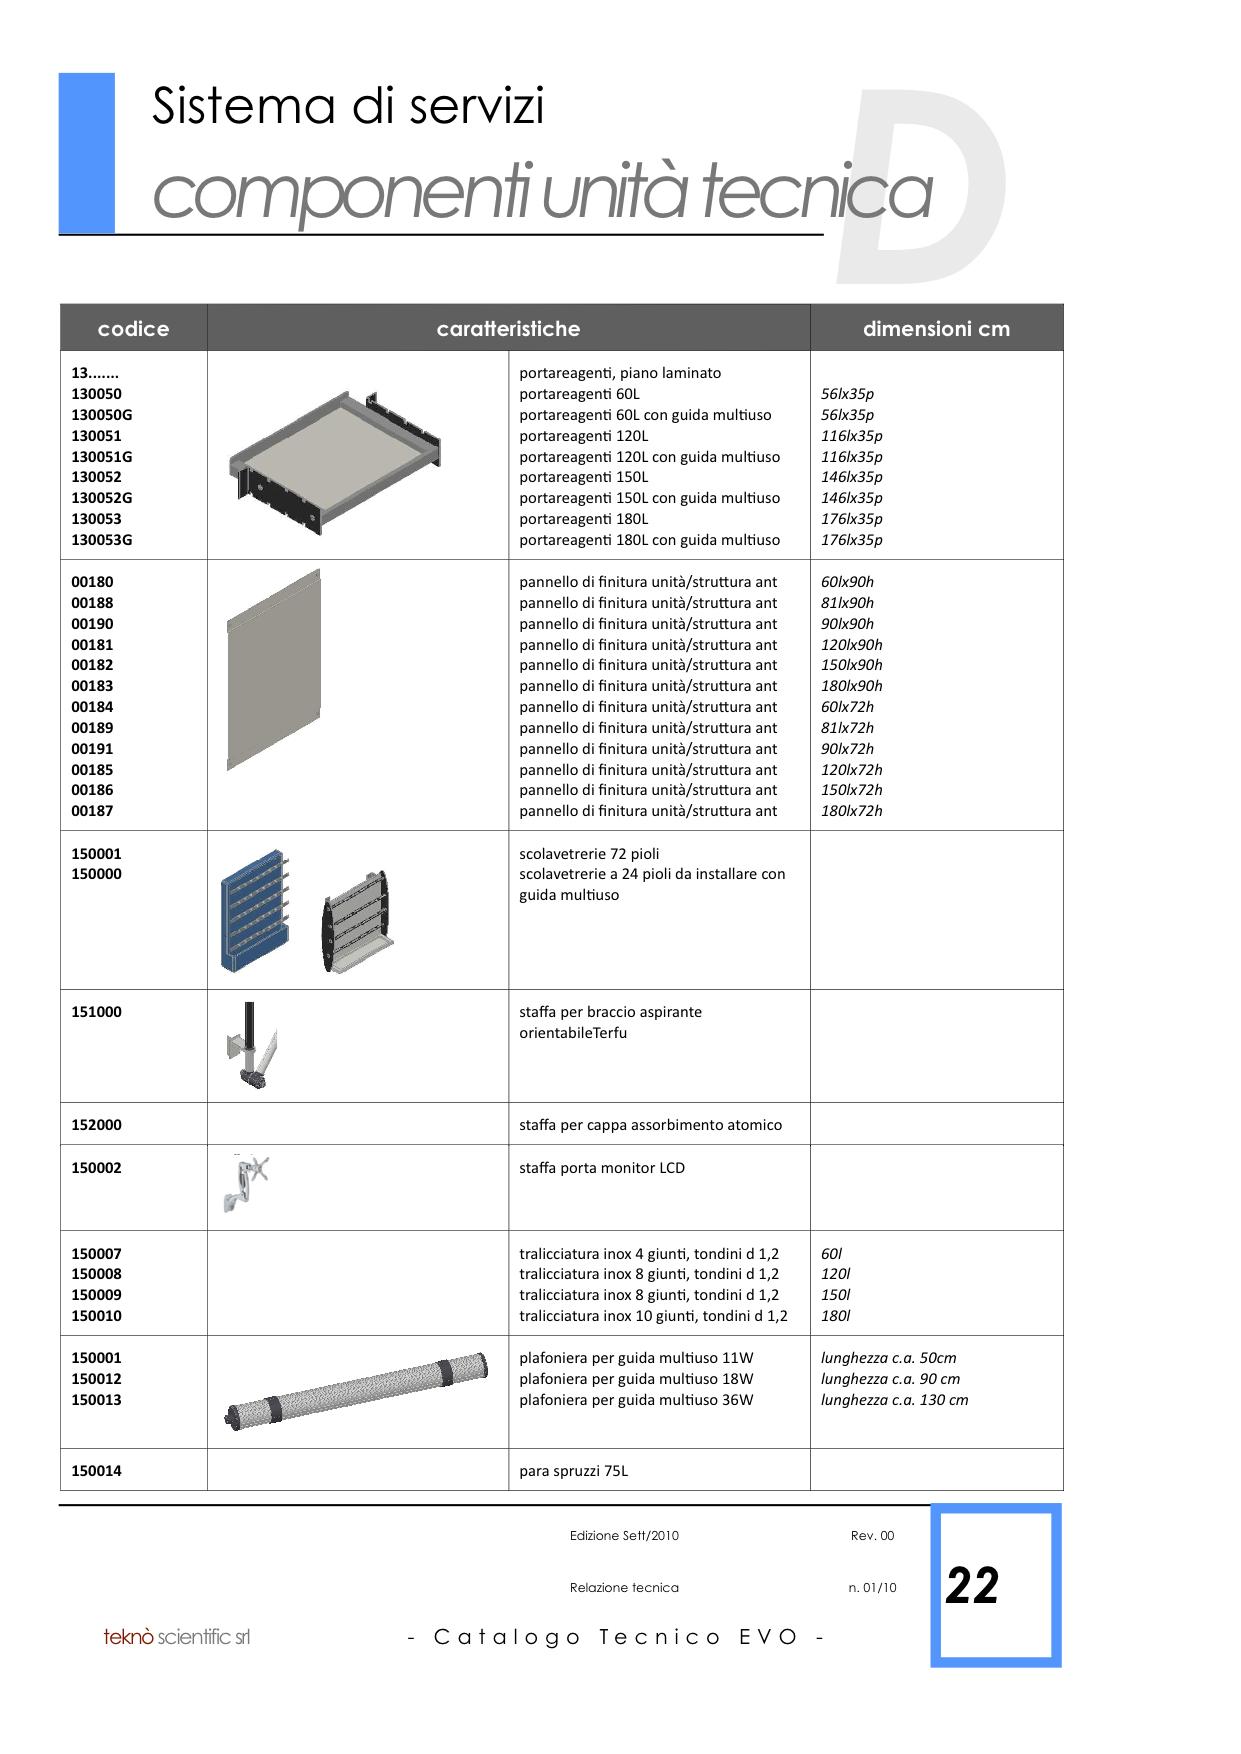 EVO Catalogo Tecnico Generale copia 22.png